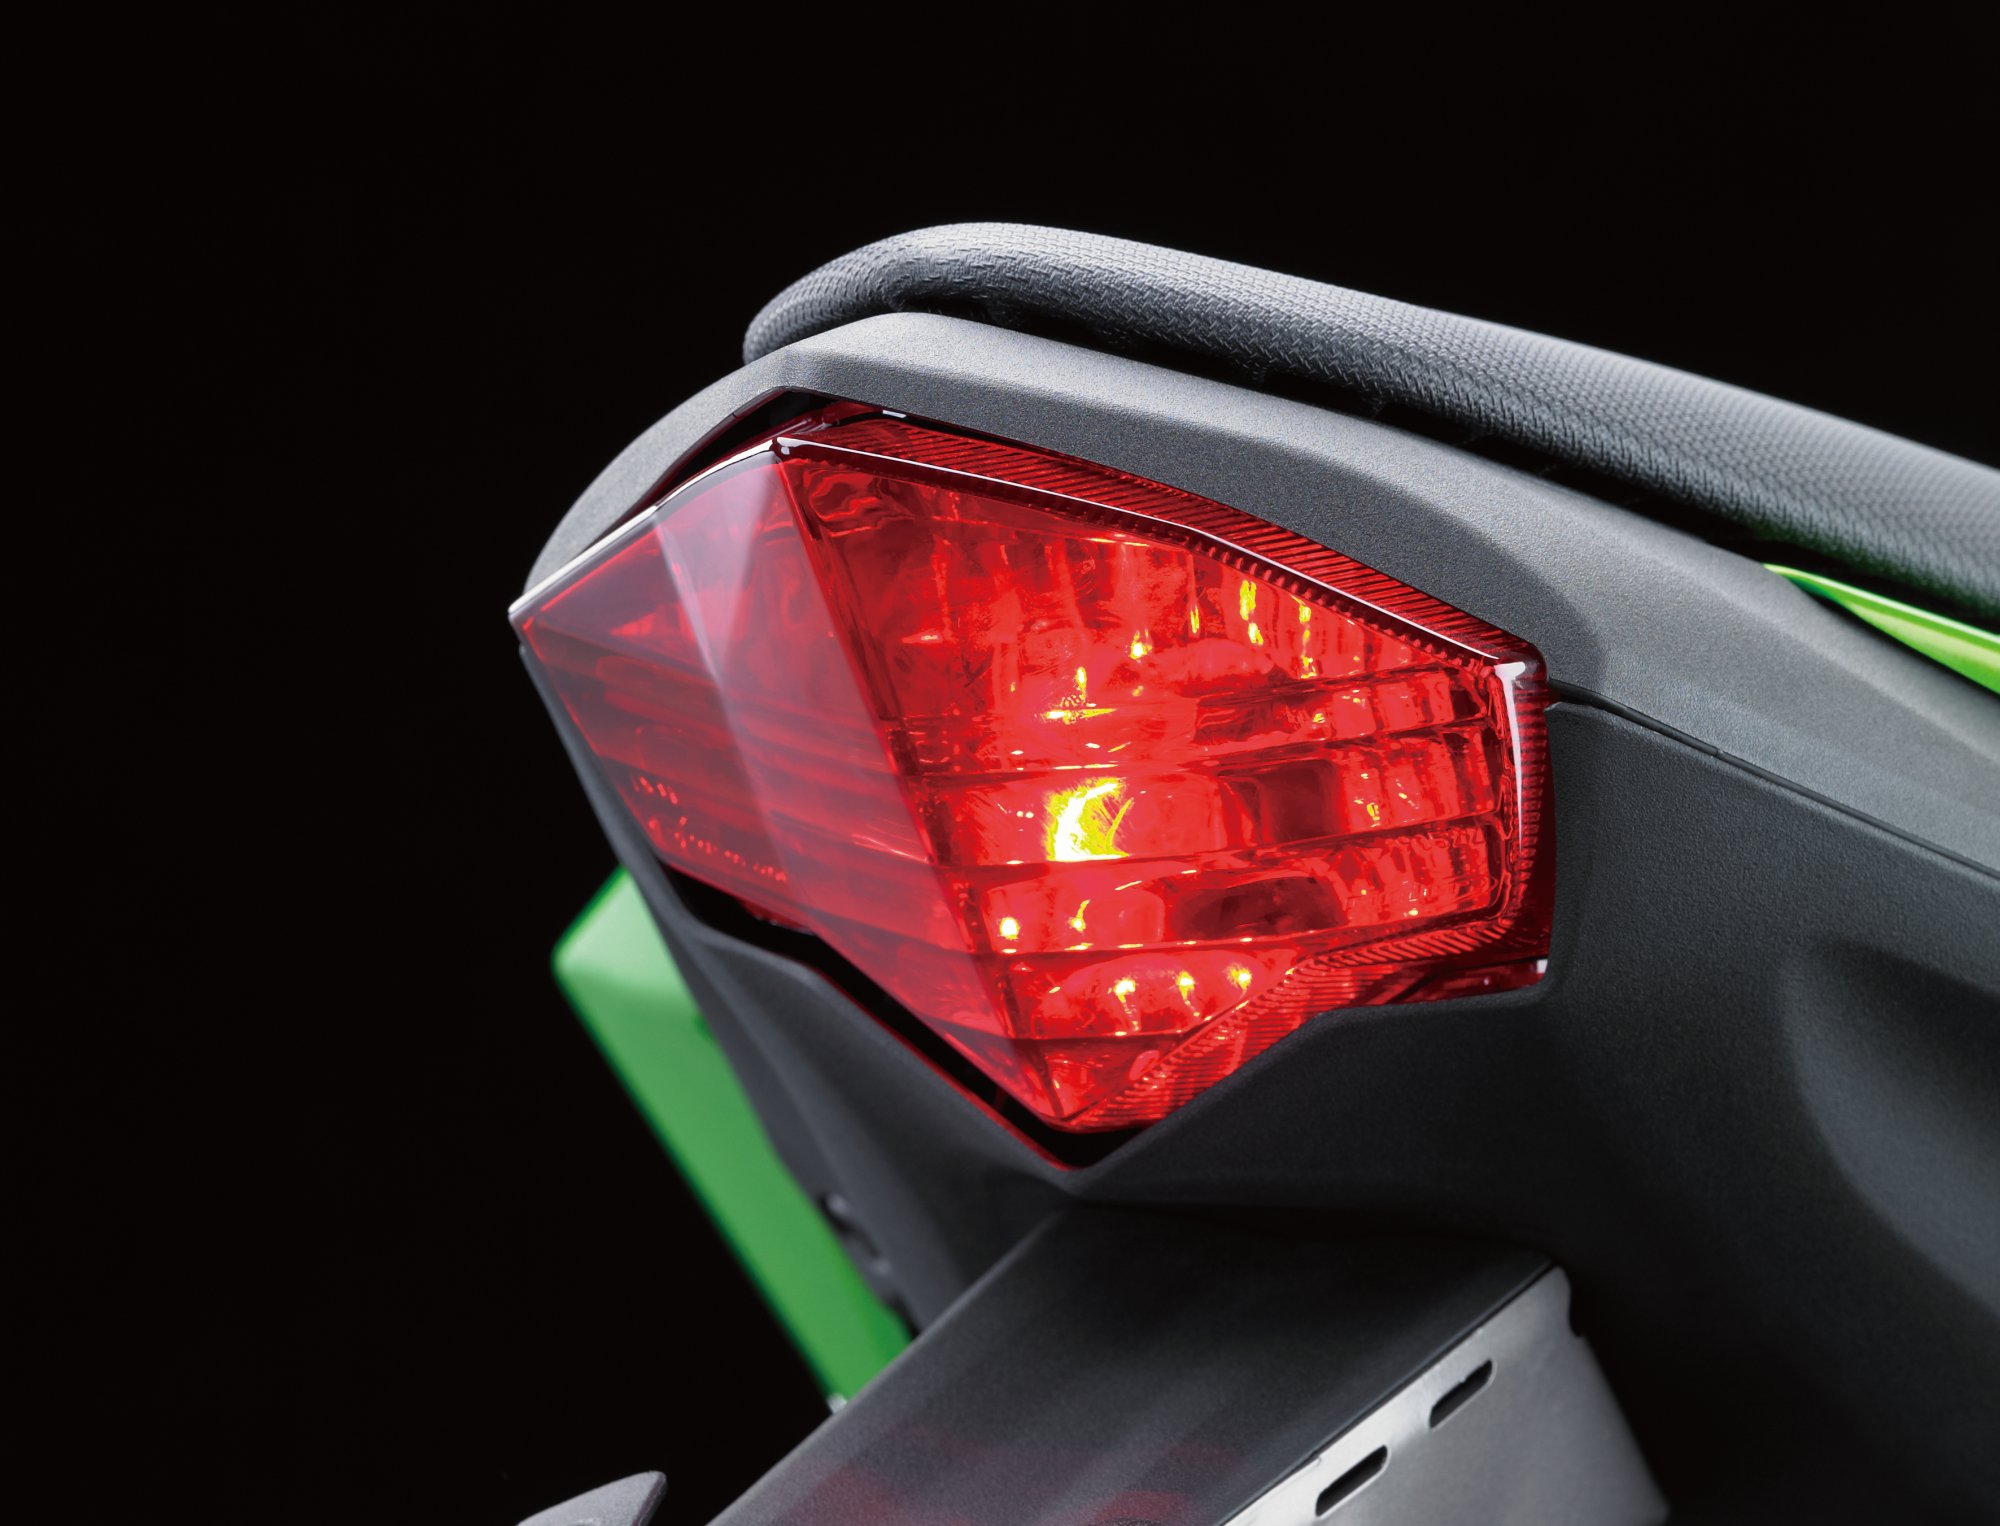 Kawasaki Z250sl Alle Technischen Daten Zum Modell Von Abs Orange Previous Next